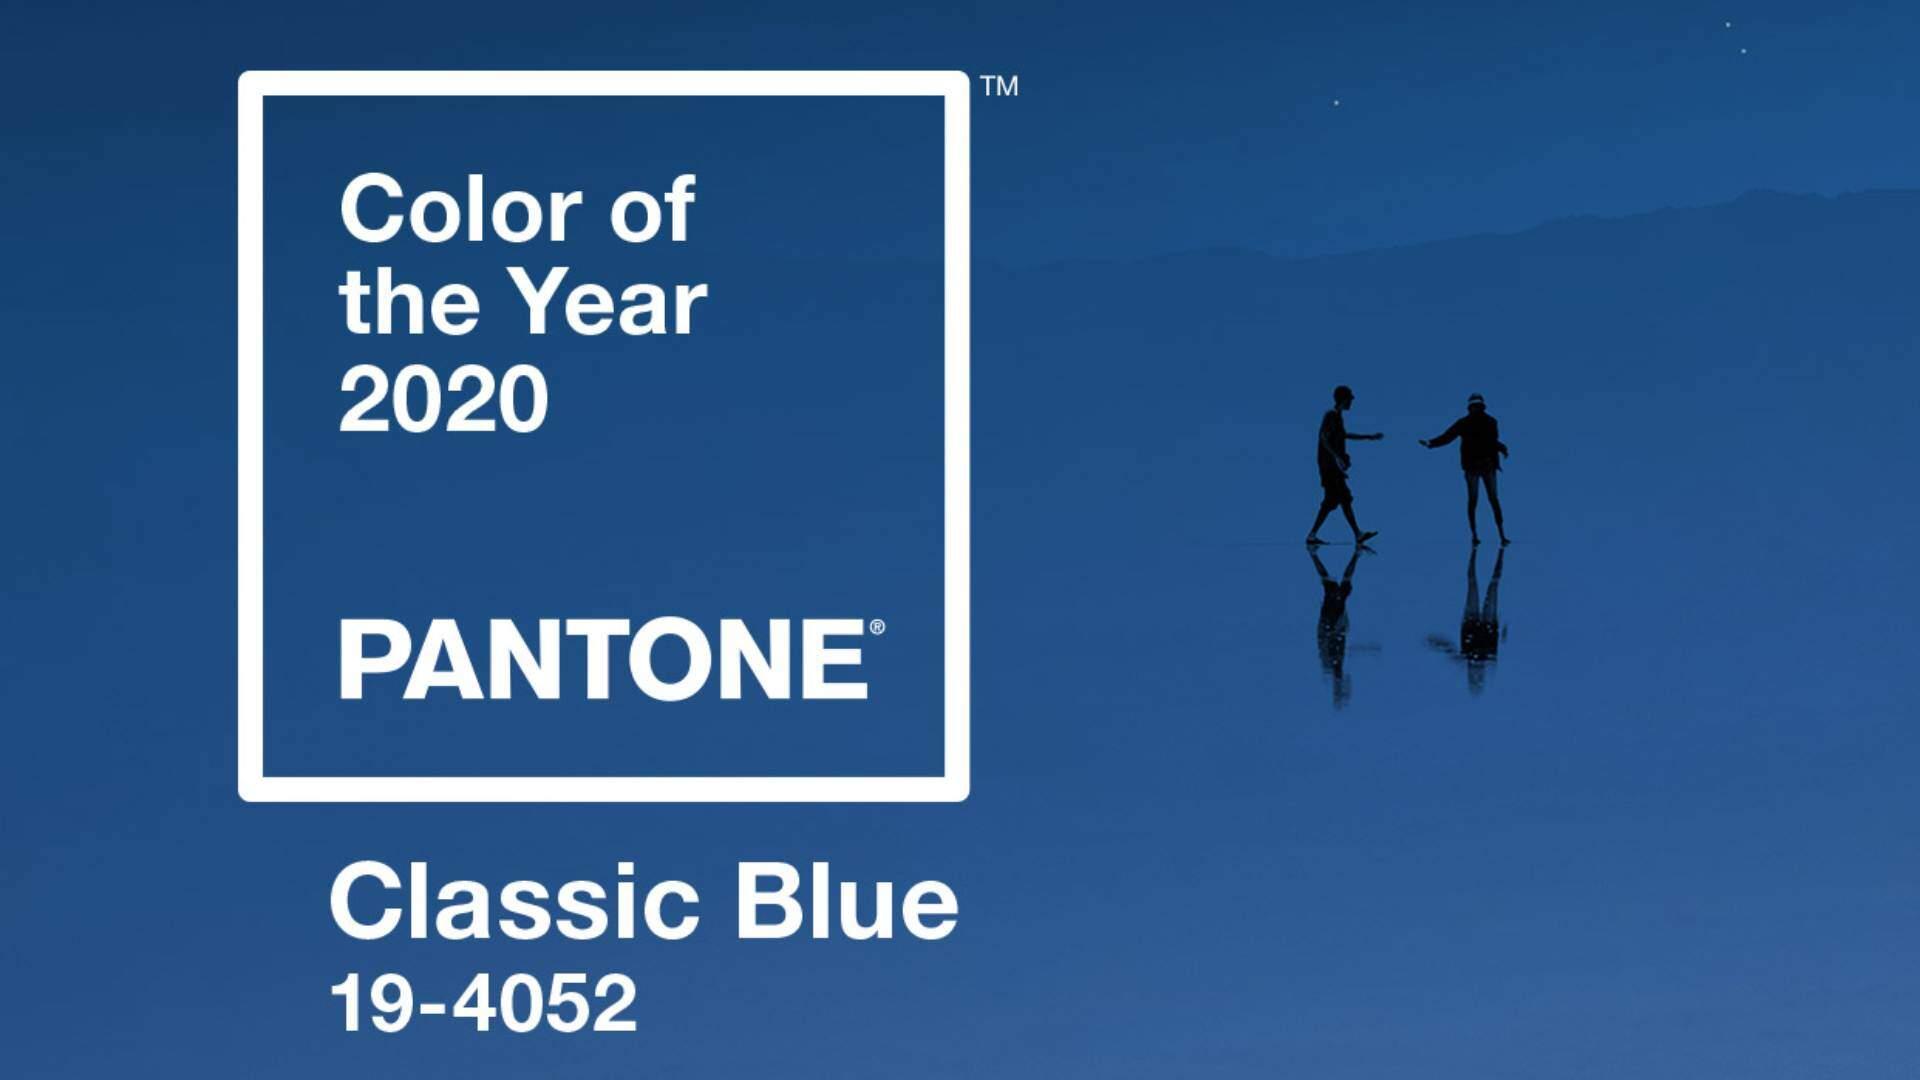 Descubre cuál es el color año 2020